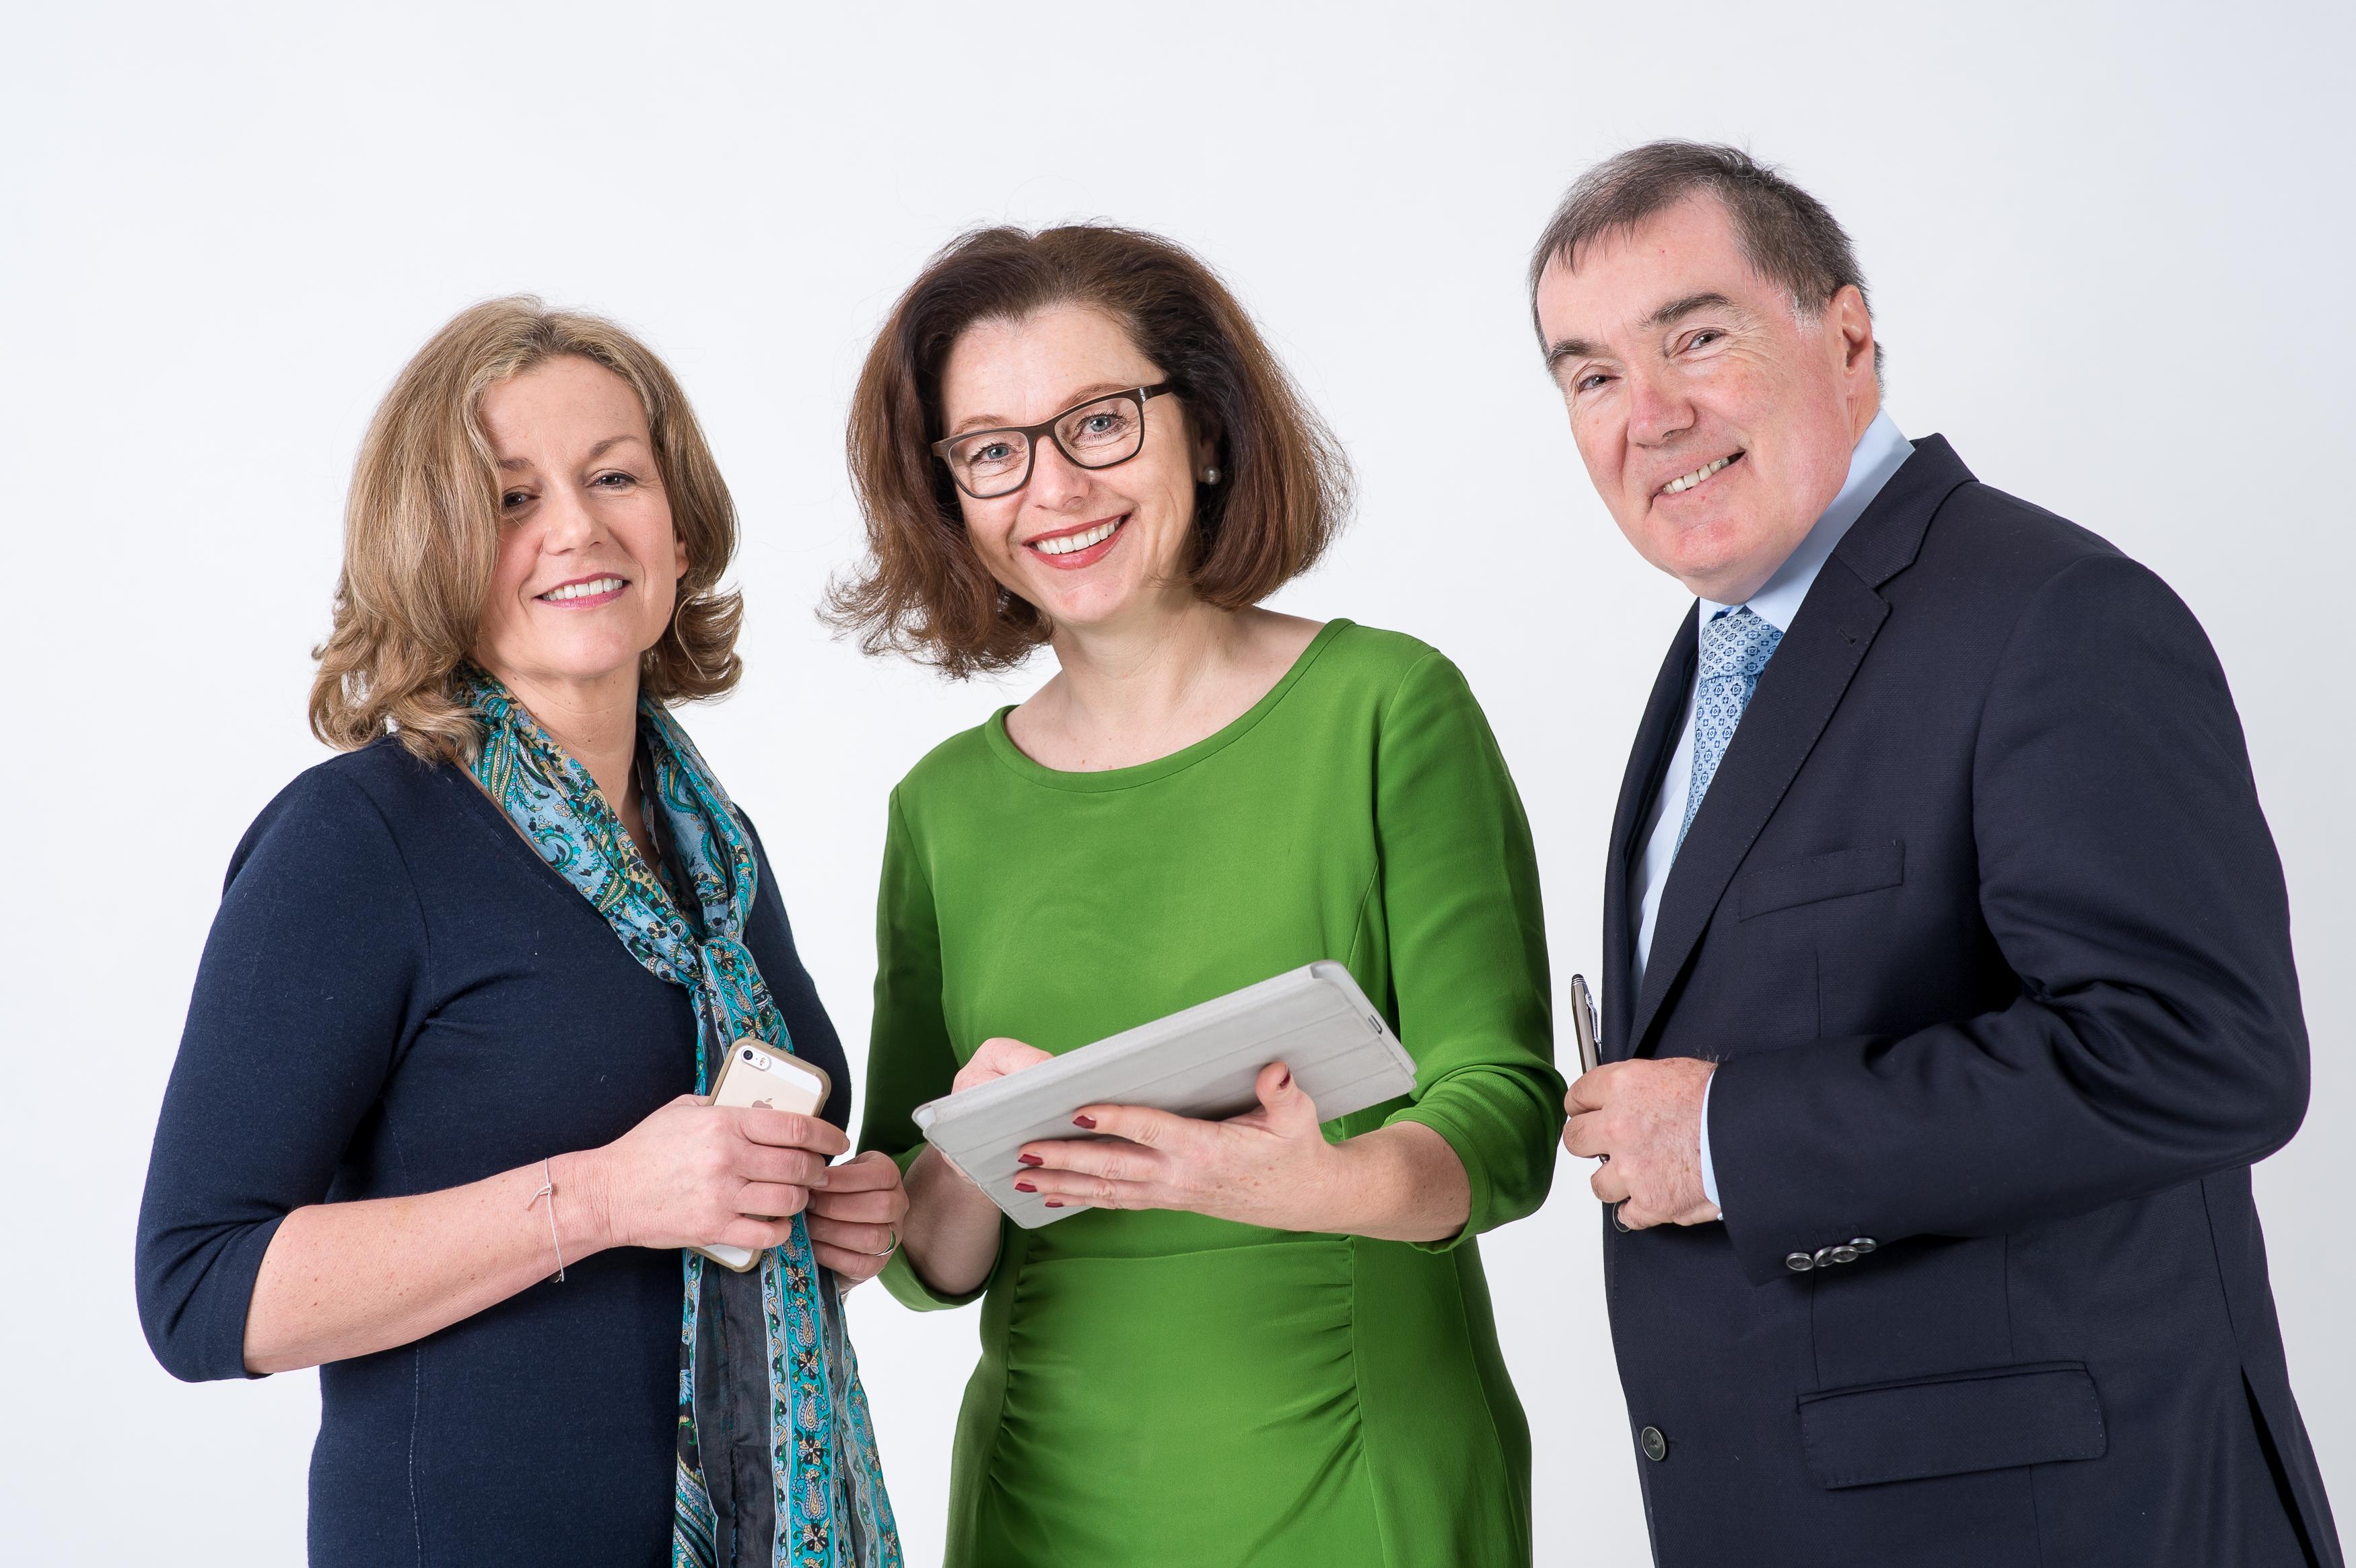 Die Kommunikationsberater: Sametinger, Wiesner, Bruckner (Foto: Peter Christian Mayr)